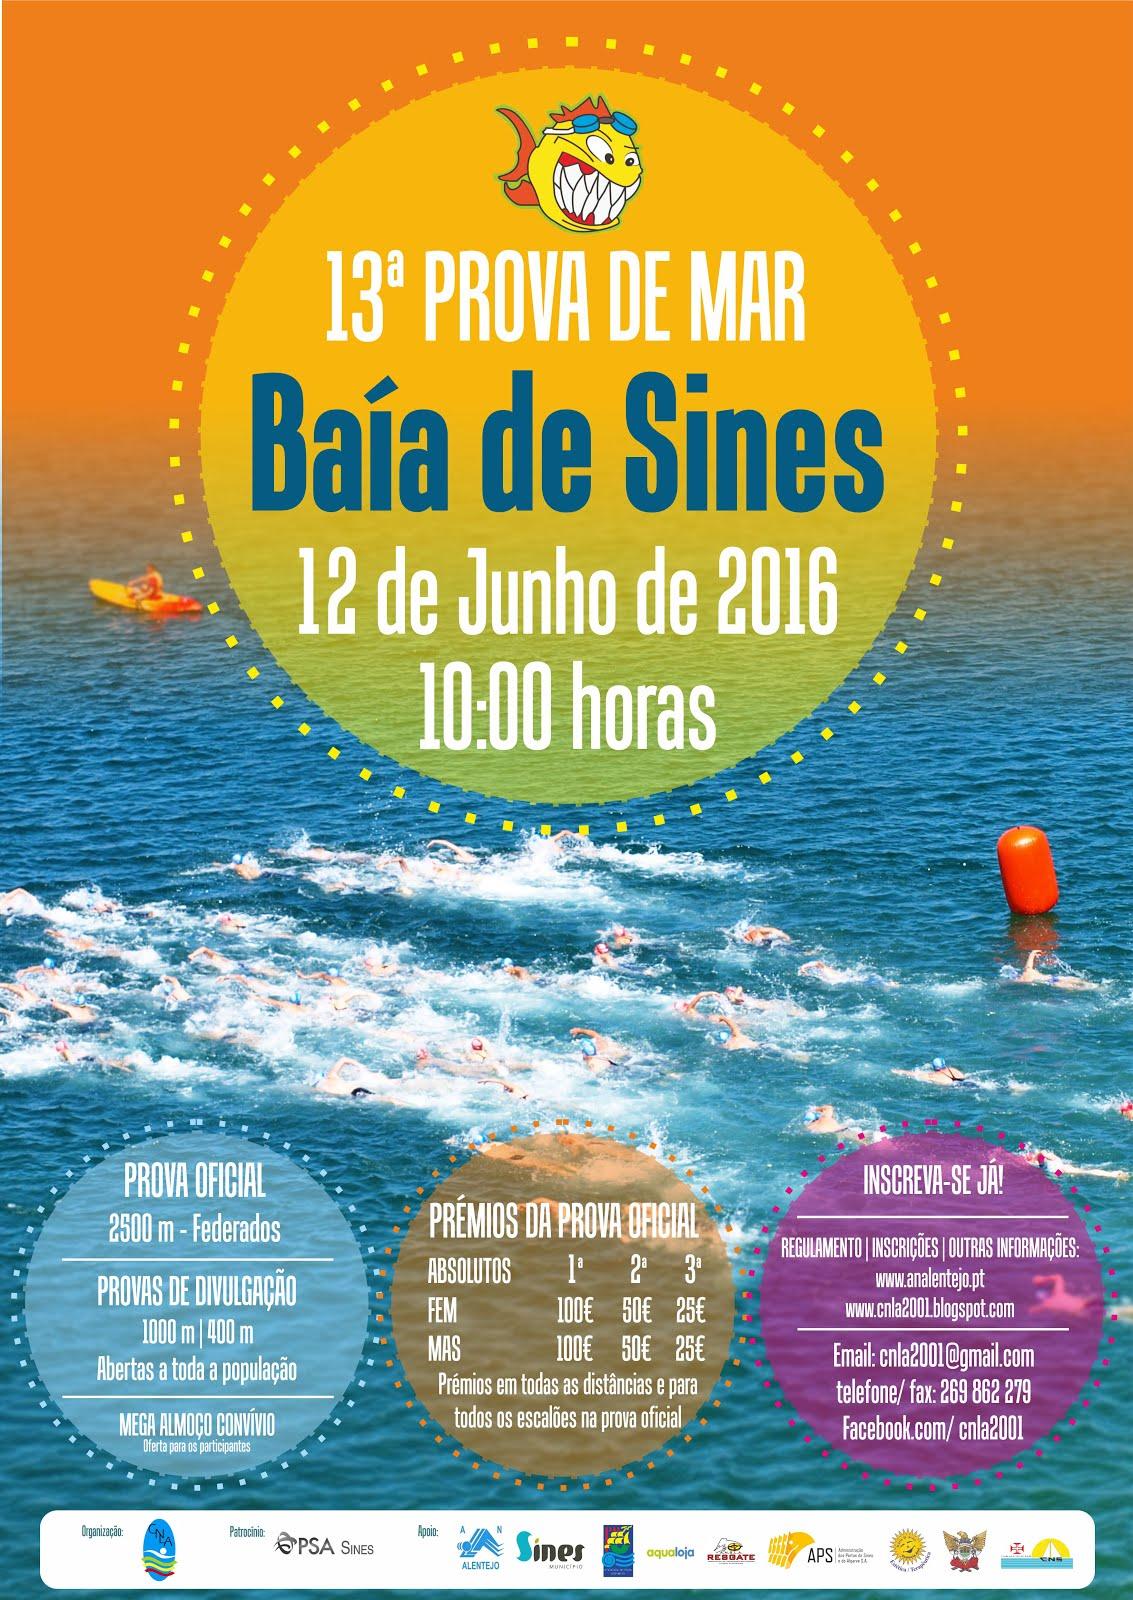 13ª Prova de Mar Baía de Sines - 12 Junho